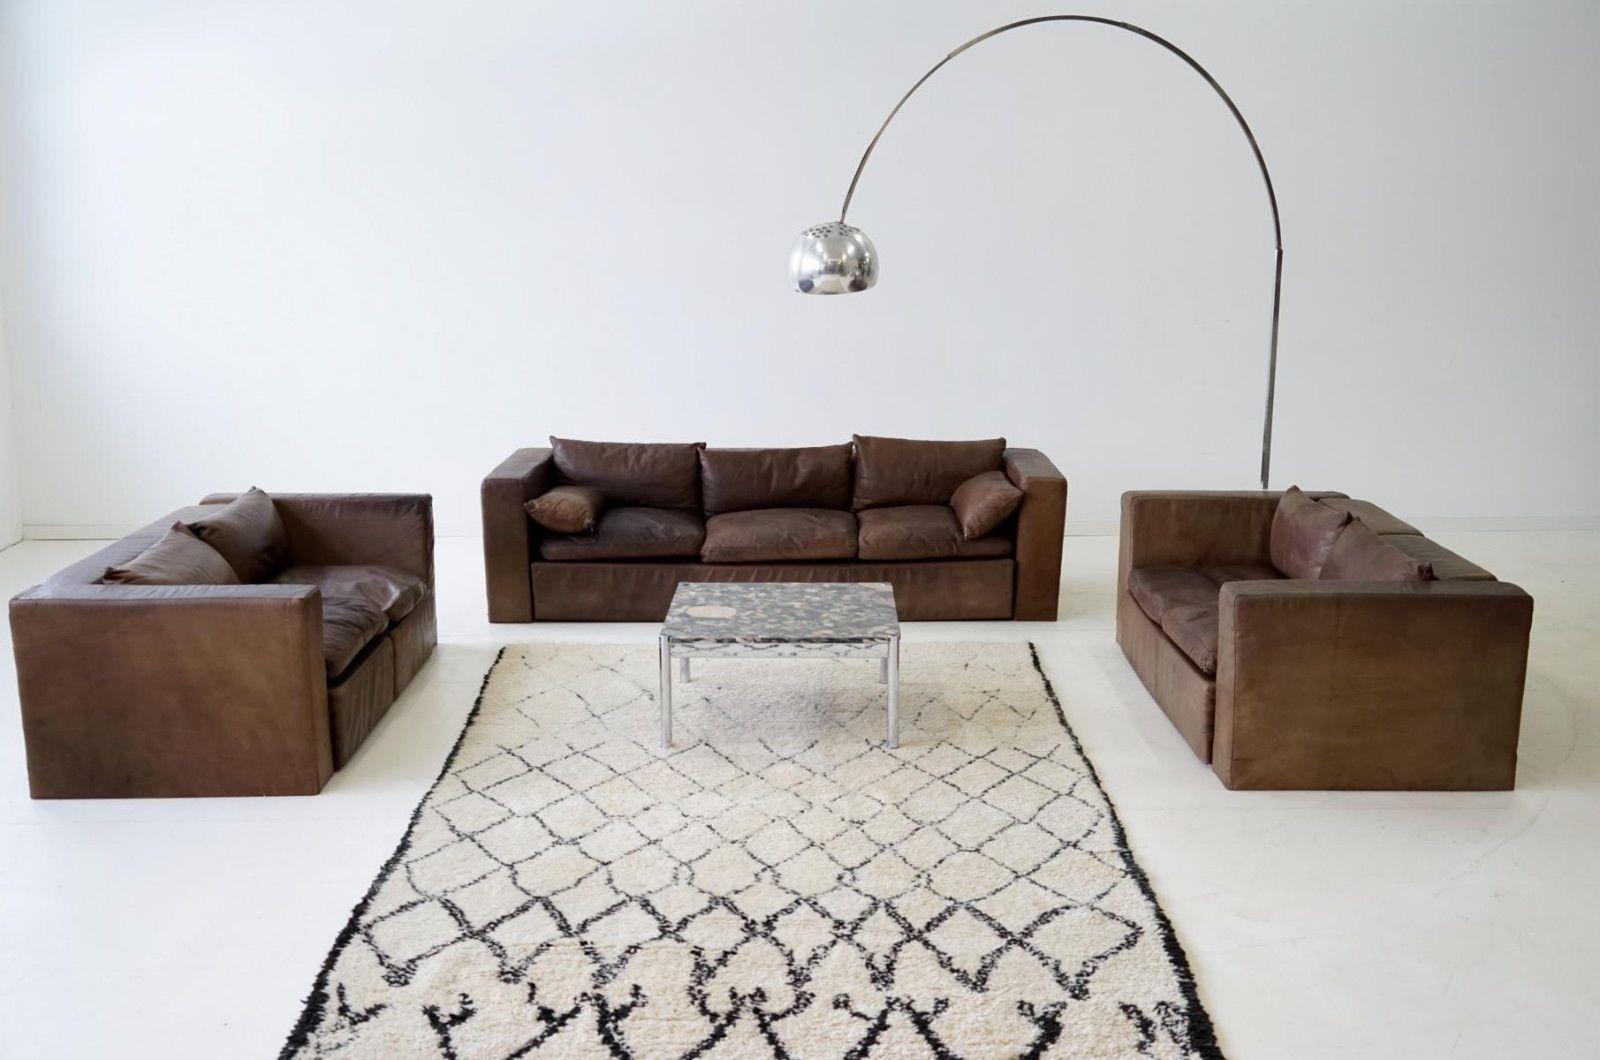 Wunderschön Wohnlandschaft Leder Beste Wahl Sofa 3-sitzer 2-sitzer Couch Sitzlandschaft Sofagruppe